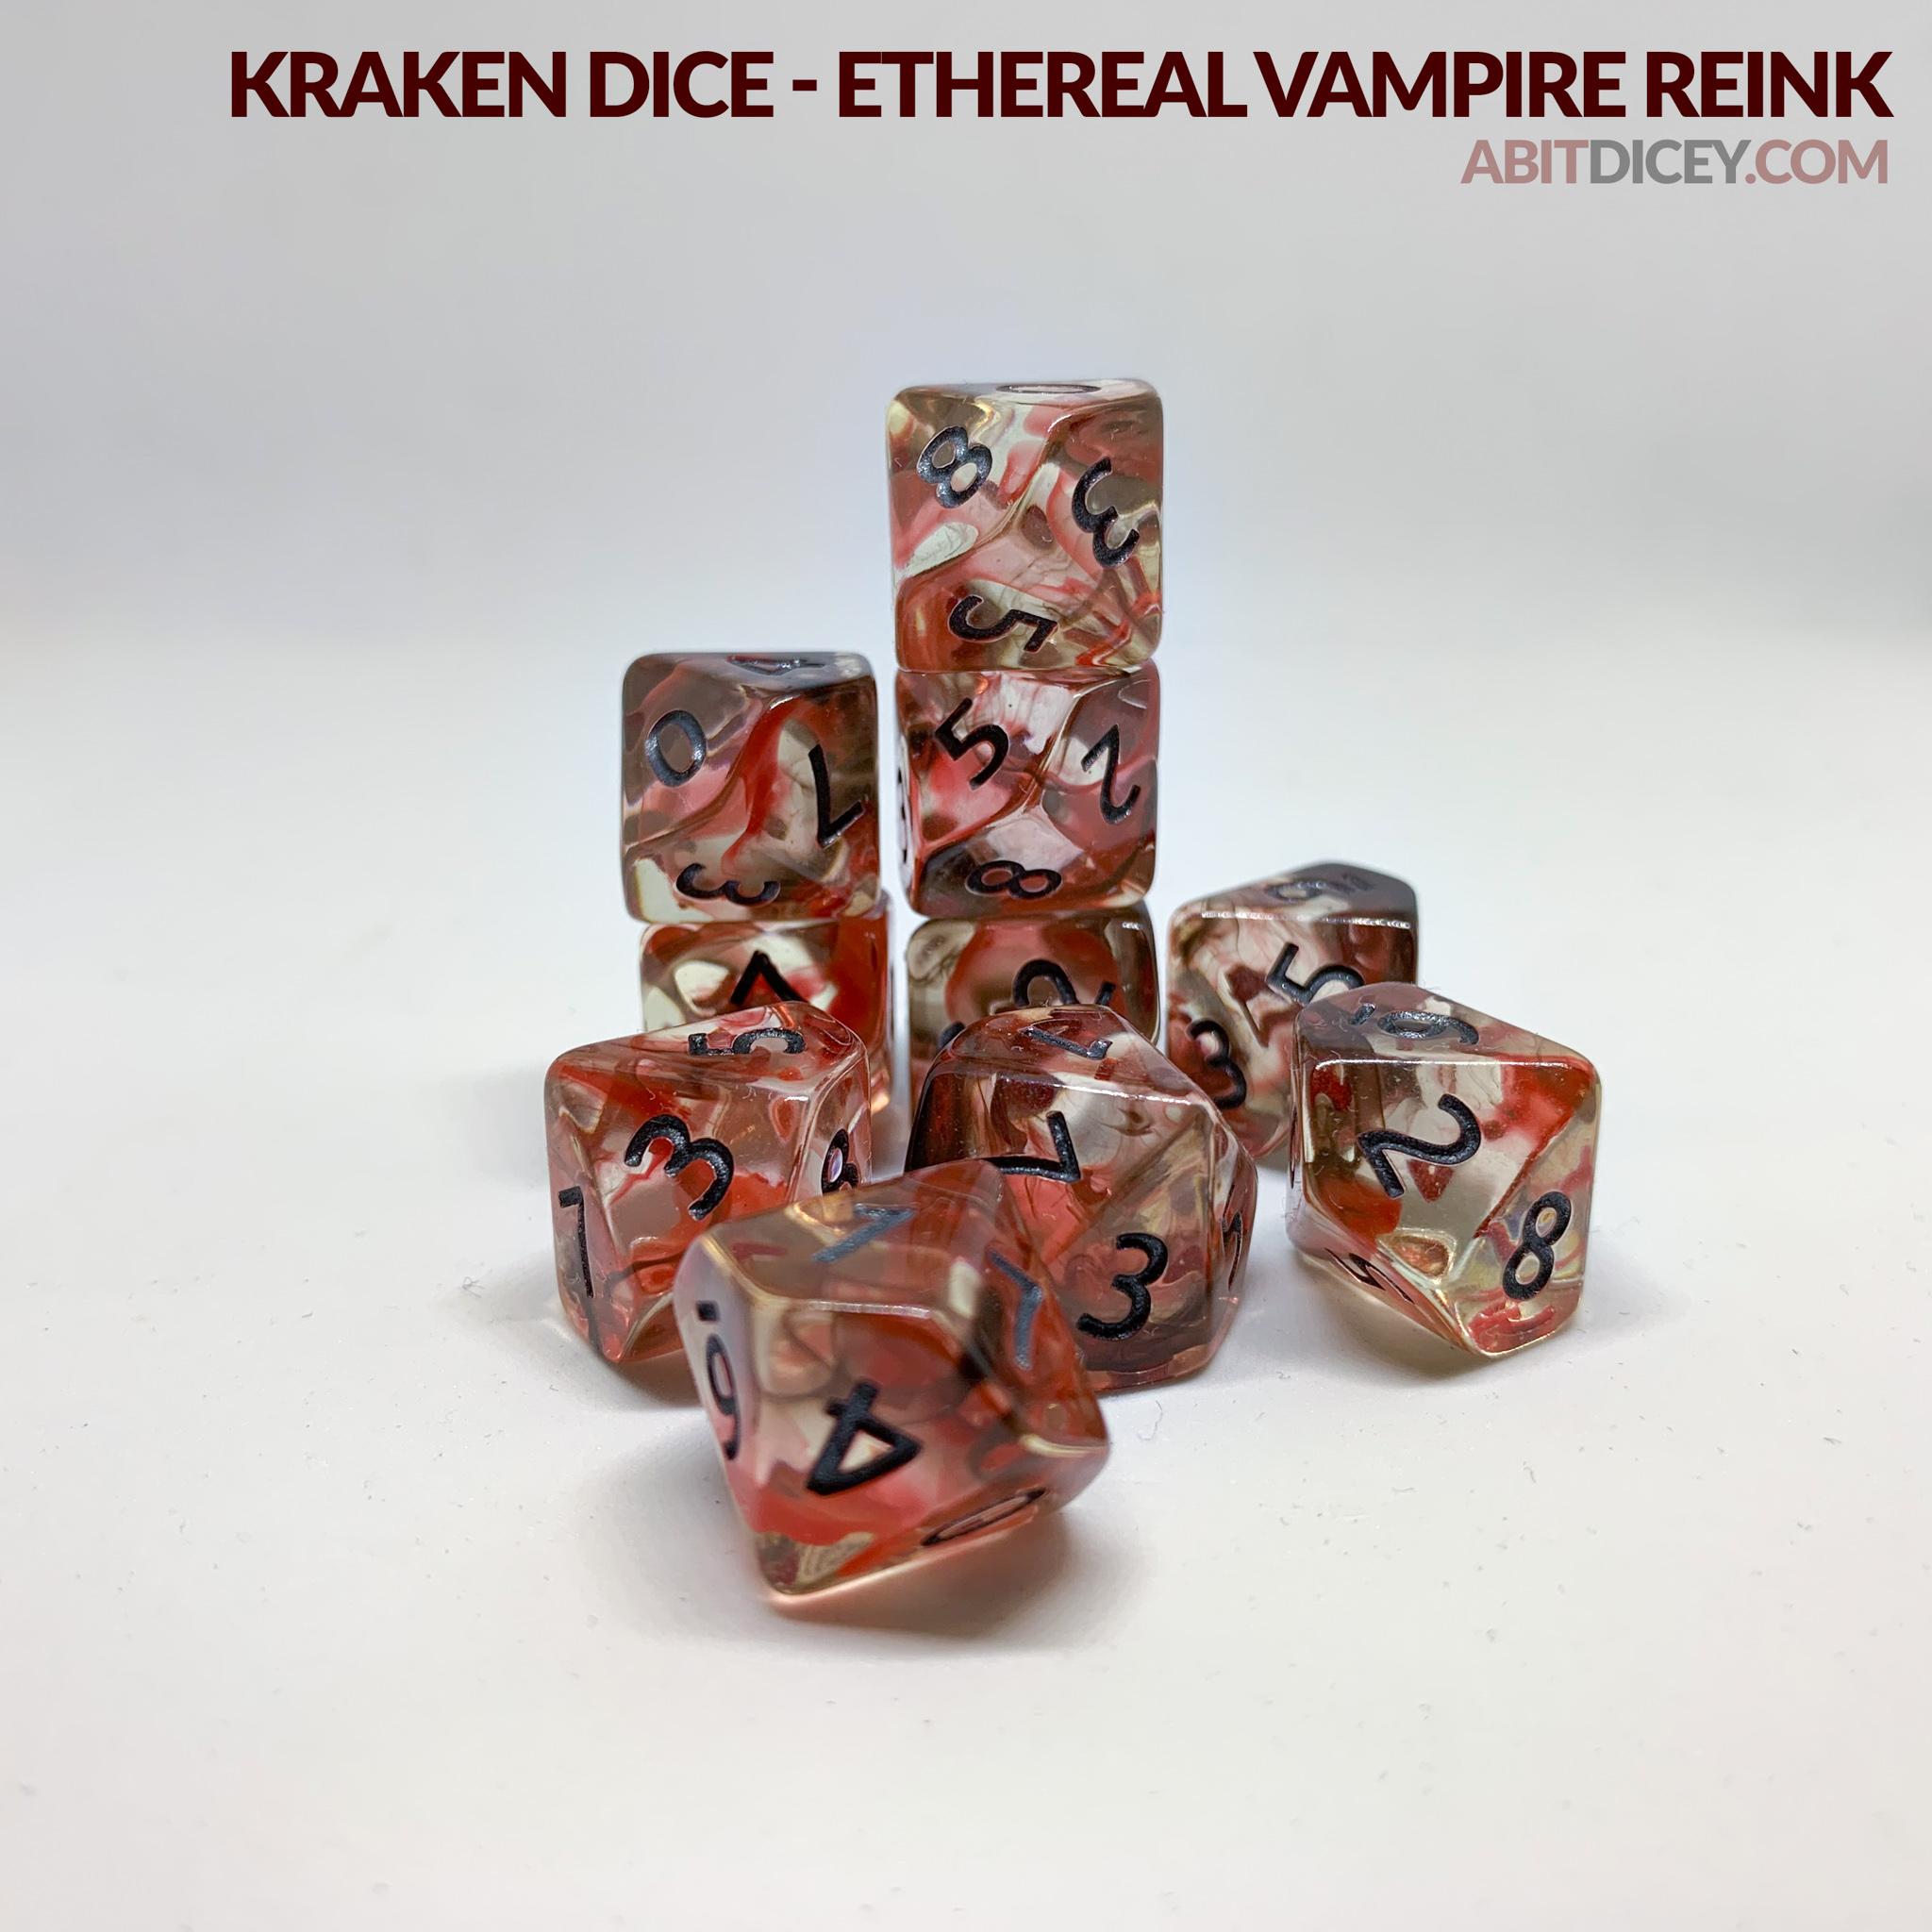 Kraken Dice - Ethereal Vampire Reink